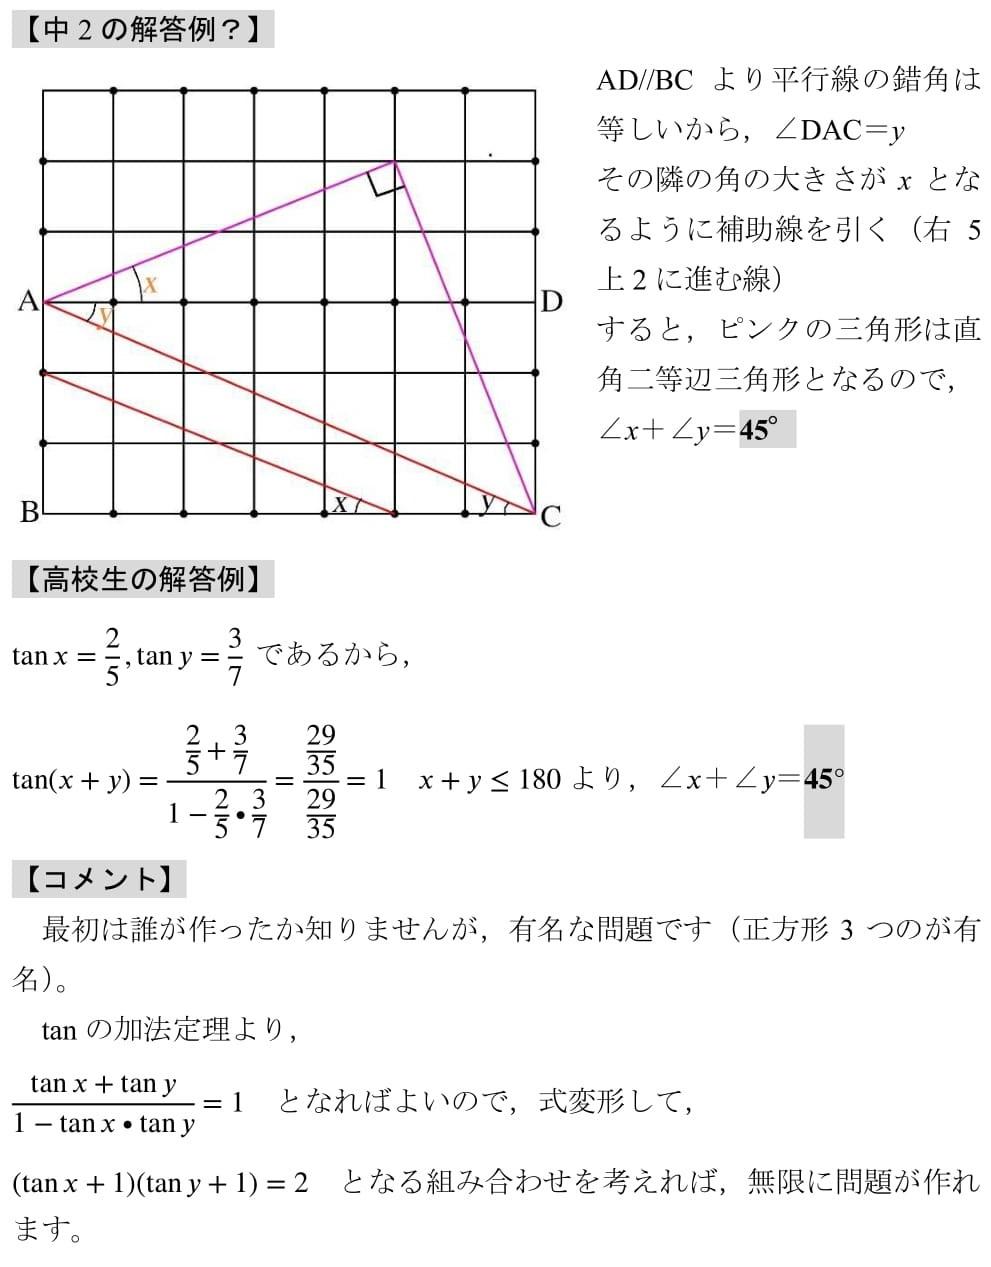 kirai2-2.jpg